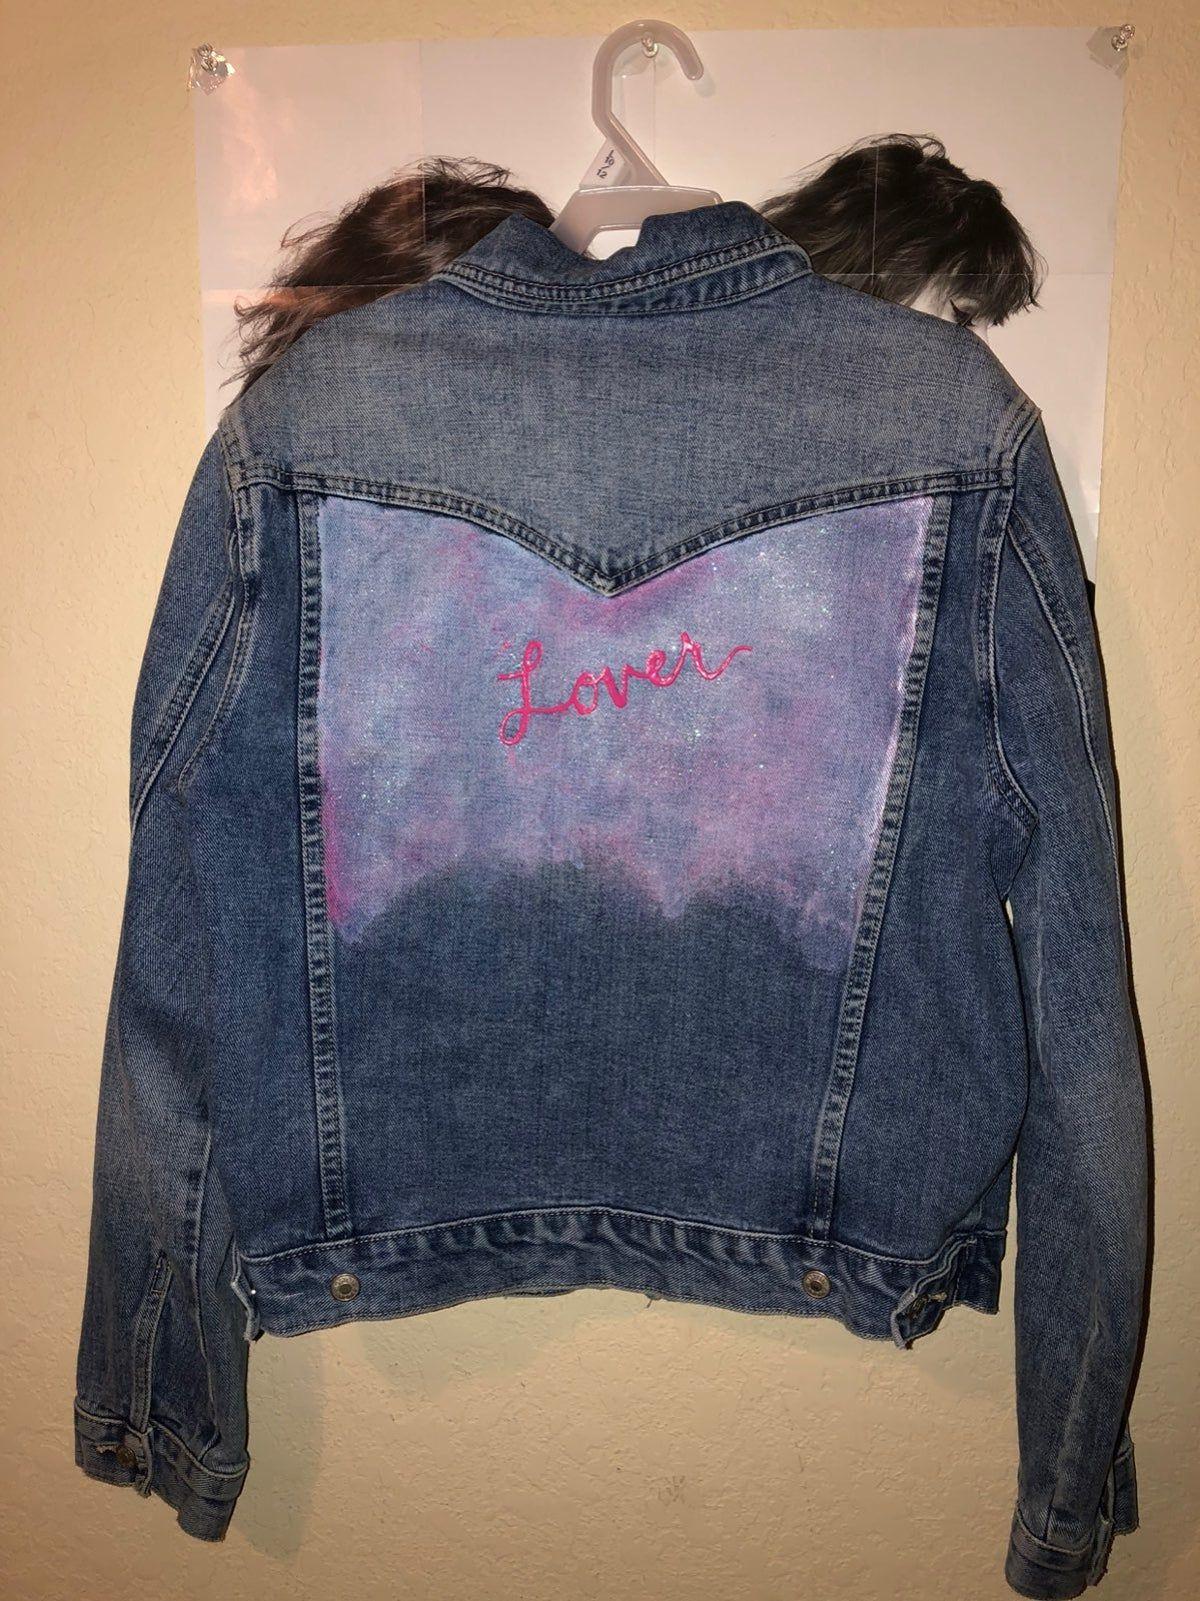 Taylor Swift Lover Jean Jacket Taylor Swift Merchandise Jackets Jean Jacket Diy [ 1601 x 1200 Pixel ]